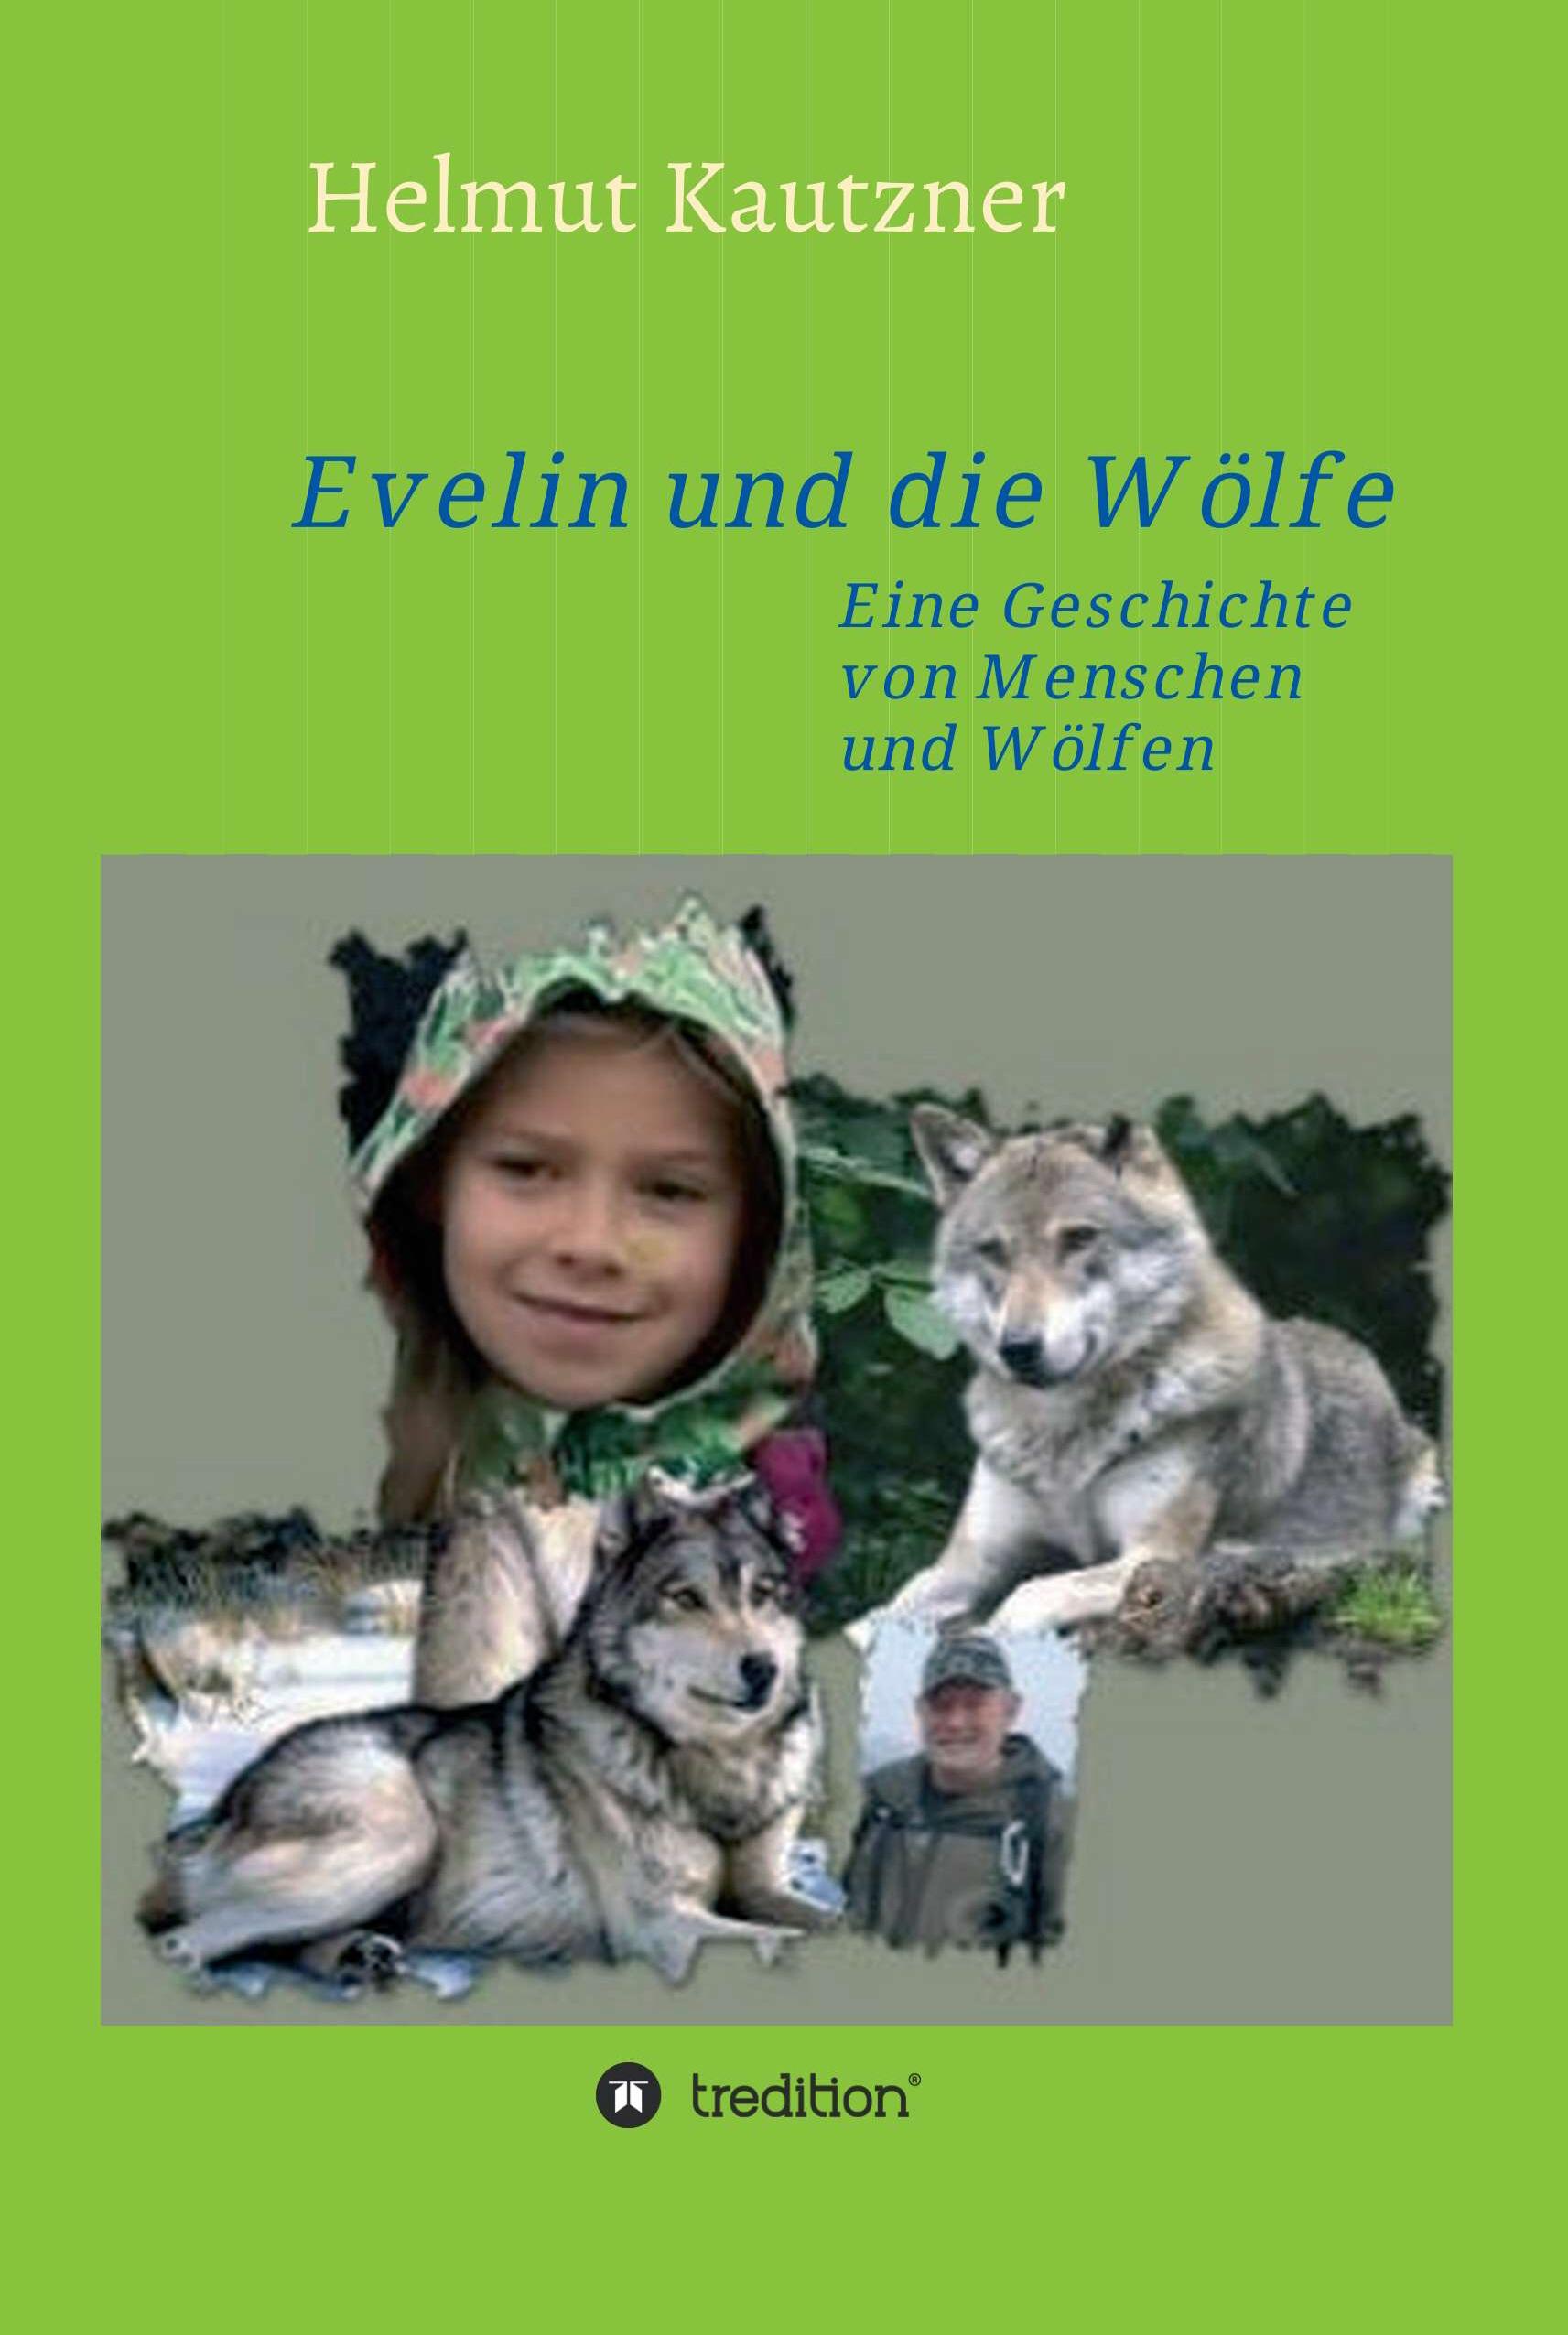 Evelin und die Wölfe